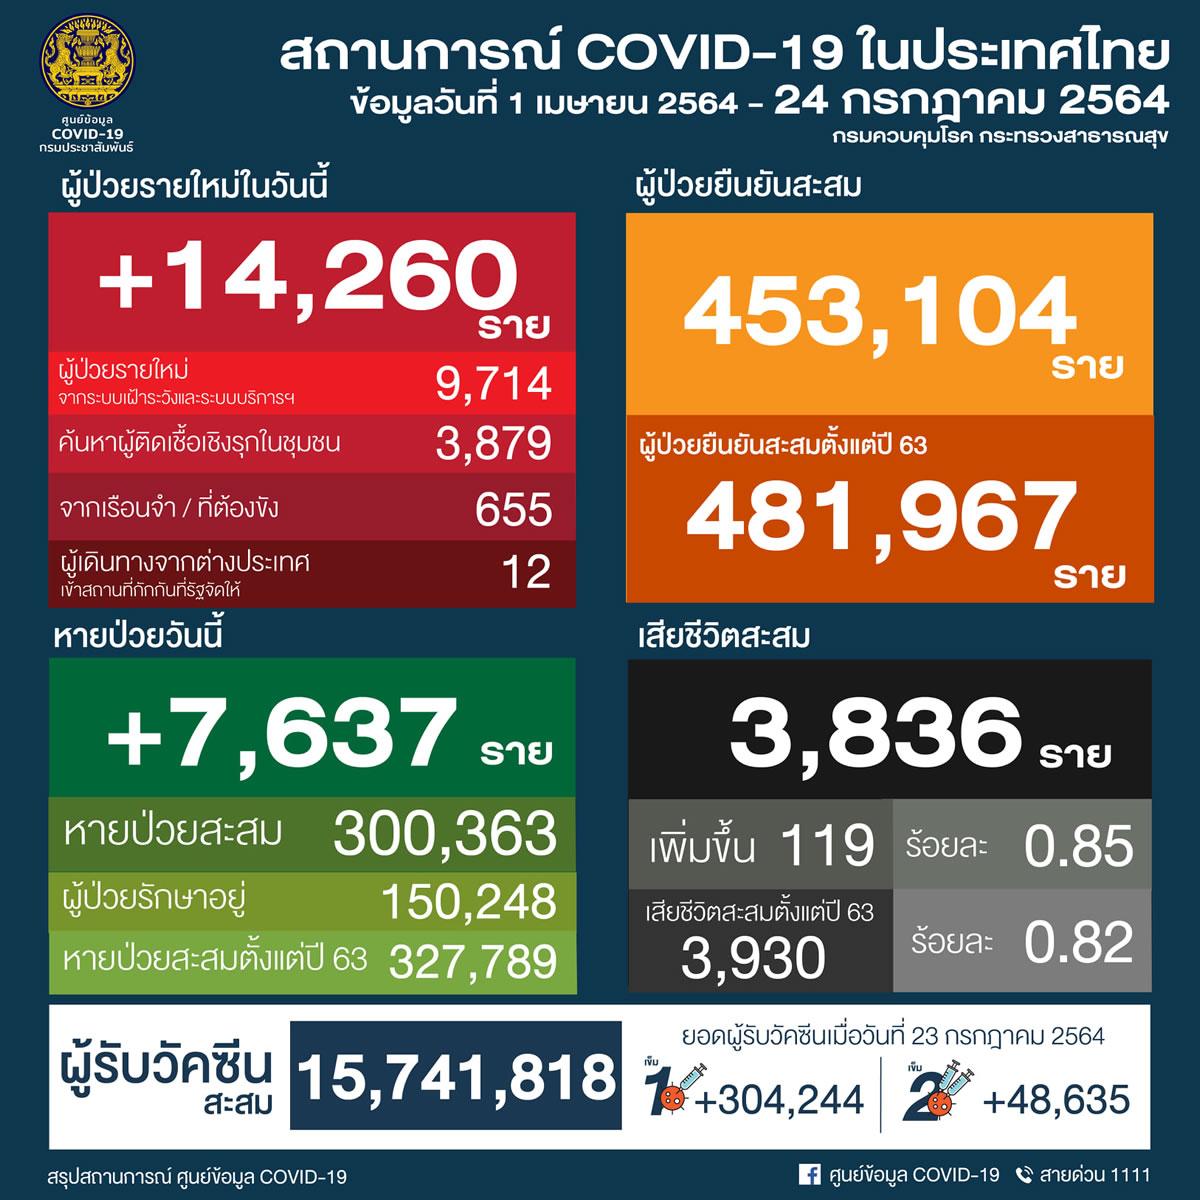 タイ 14,260人陽性/バンコク2,745人/プーケット21人/日本人1人死亡[2021年7月24日発表]